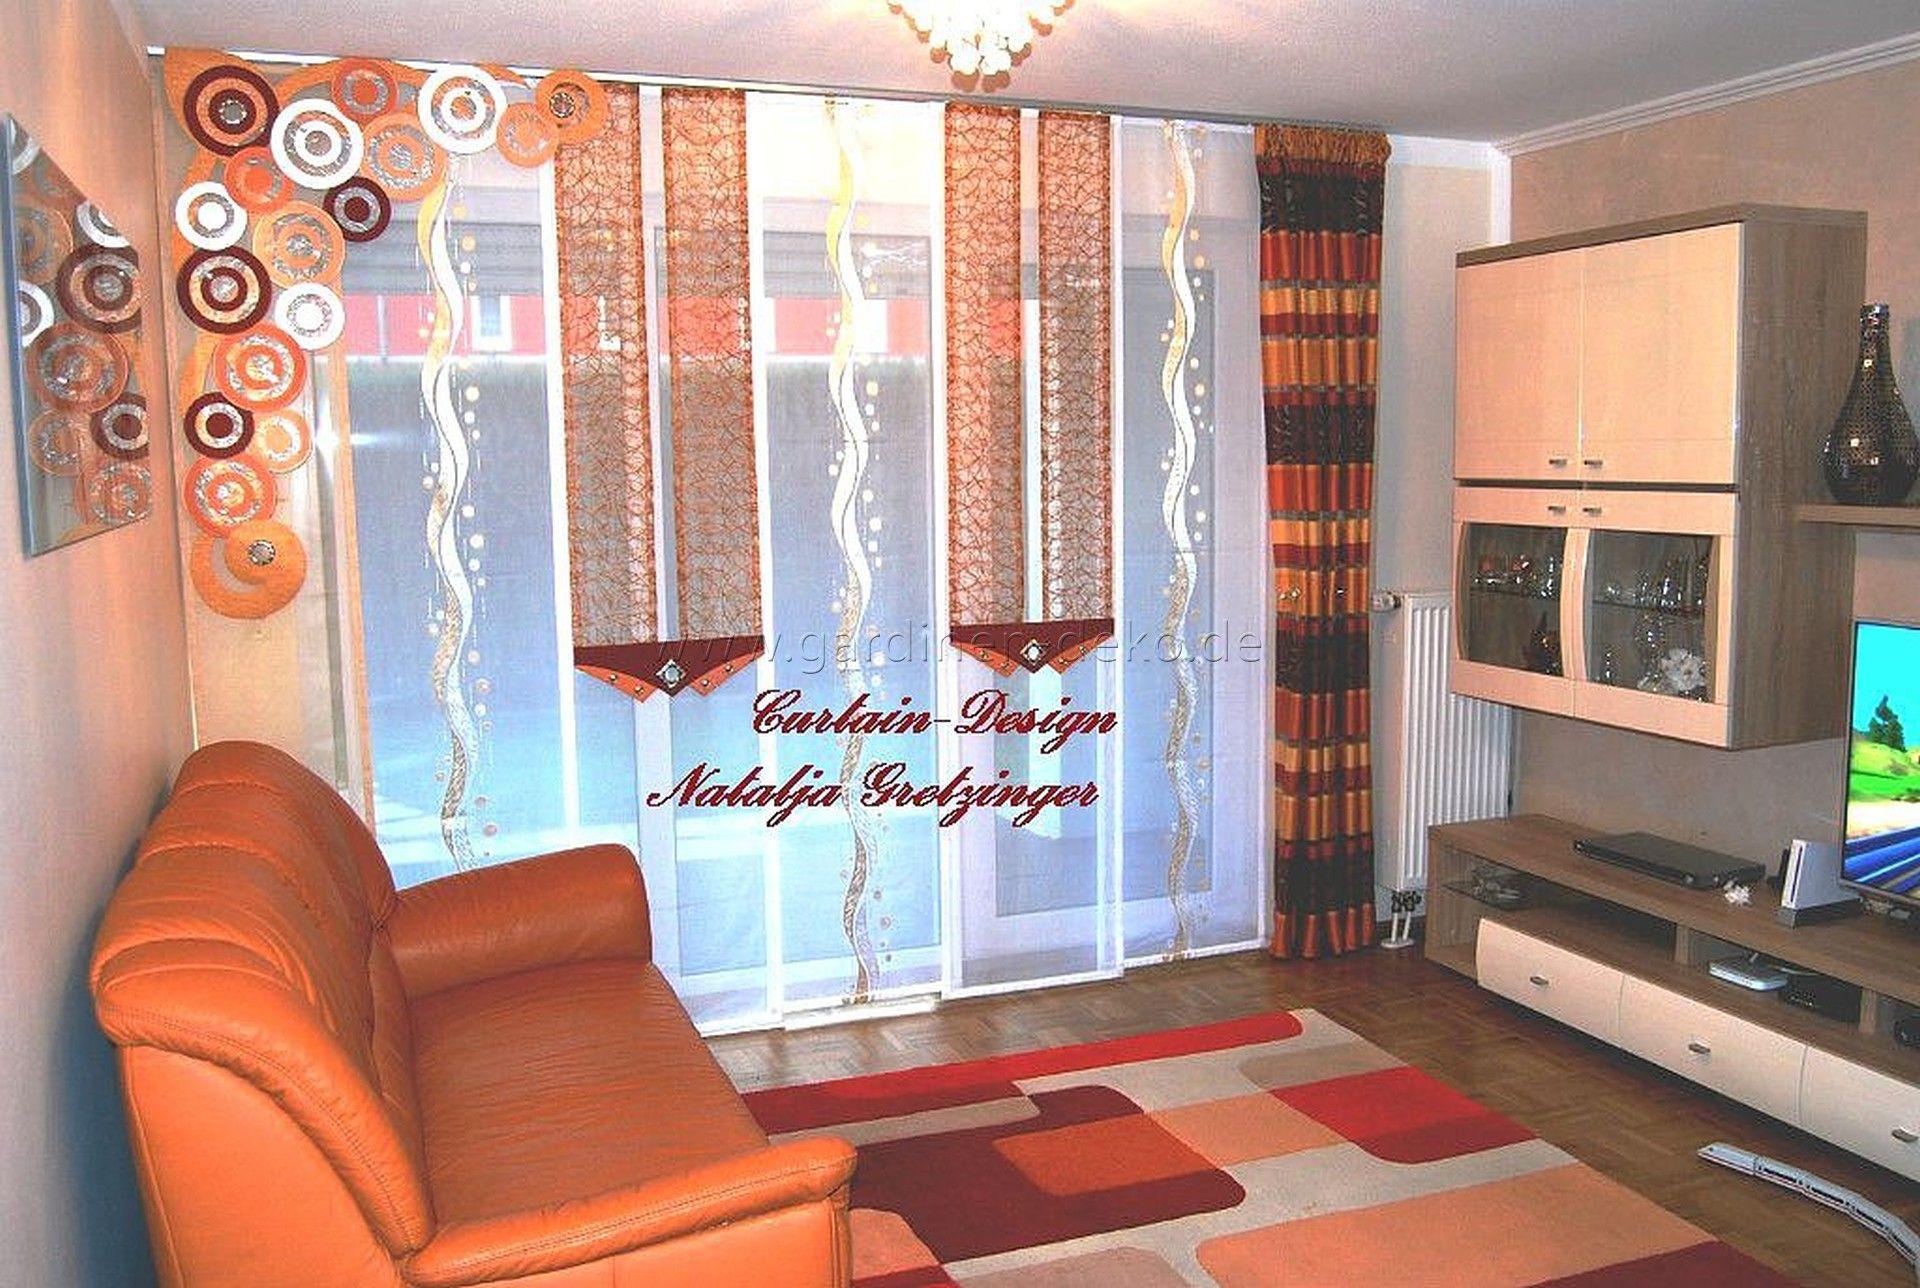 Moderner Schiebevorhang mit Dekoelementen und bordeauxrot-dunklem Schal - http://www.gardinen-deko.de/moderner-schiebevorhang-mit-dekoelementen-und-bordeauxrot-dunklem-schal/